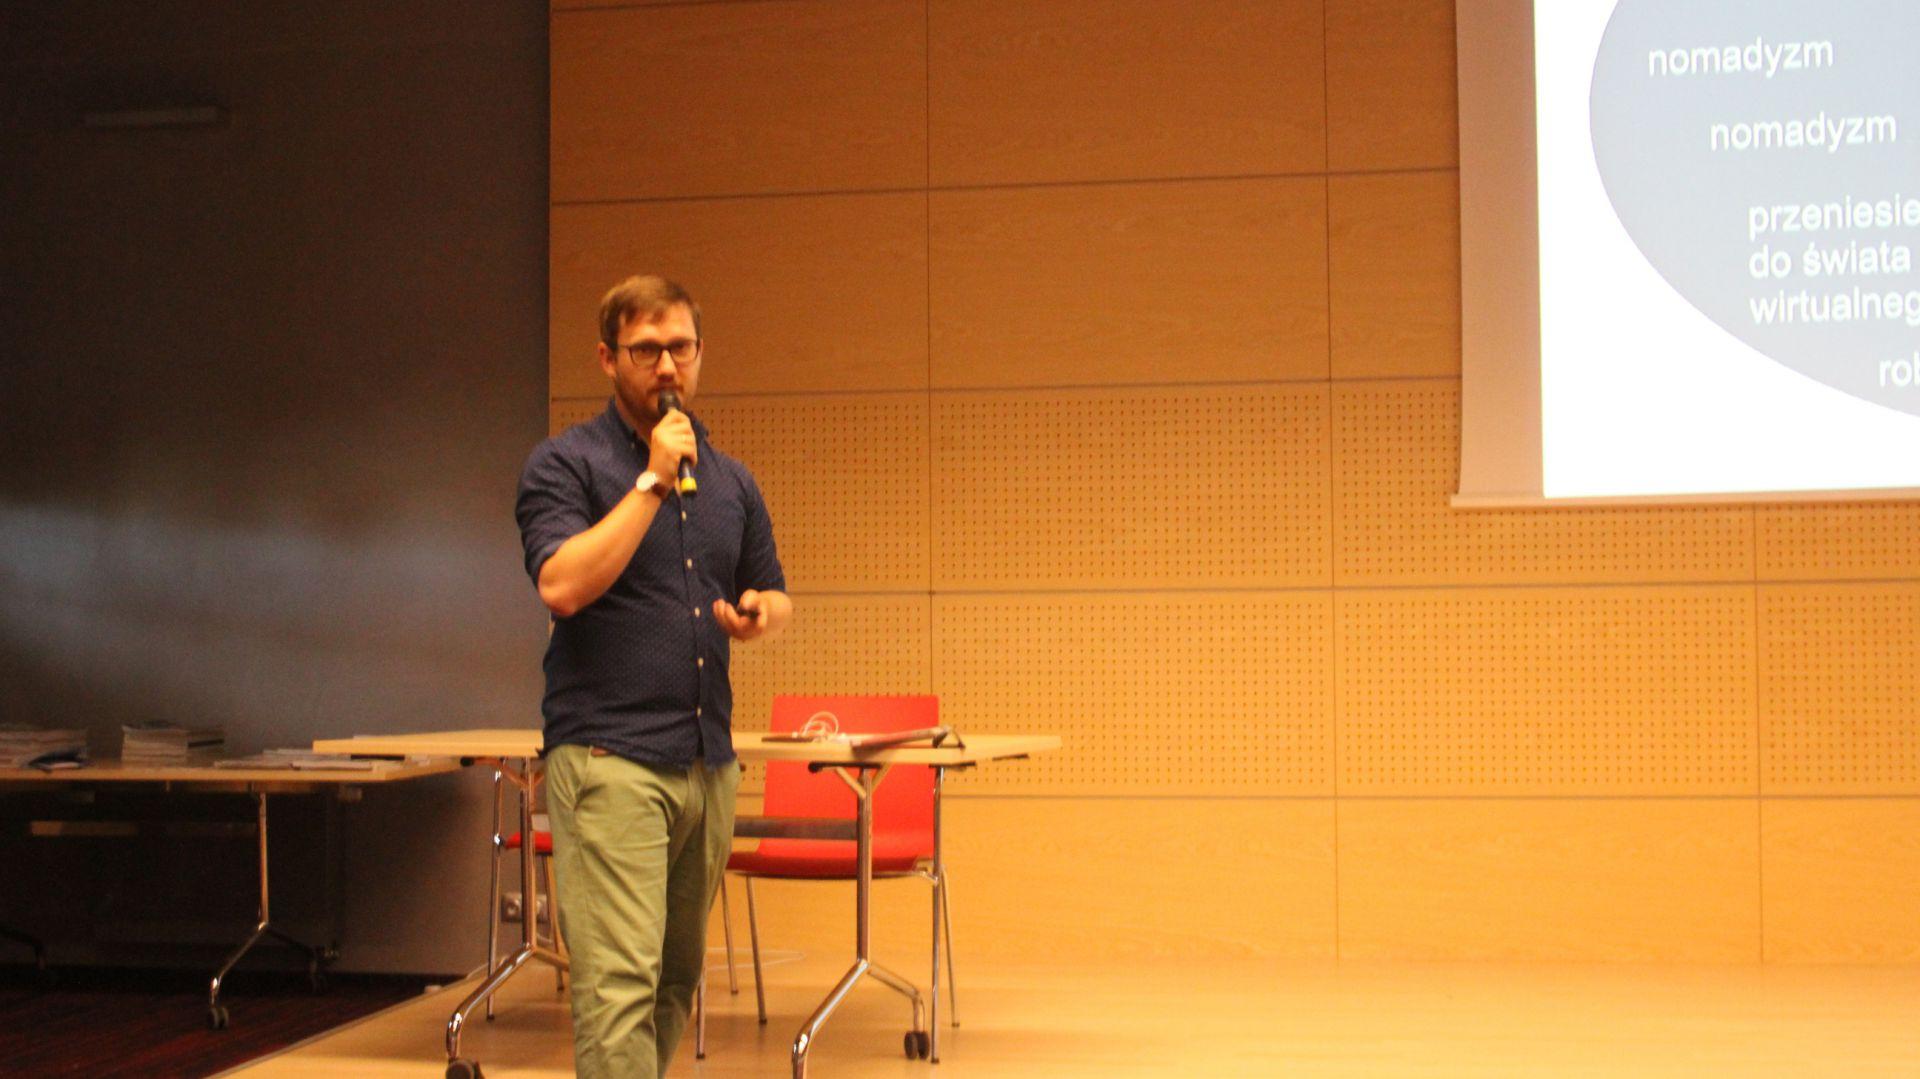 Wykład dr hab. Jan Sikora podczas spotkania, które odbyło się w ramach Studia Dobrych Rozwiązań w Gdańsku 20 czerwca